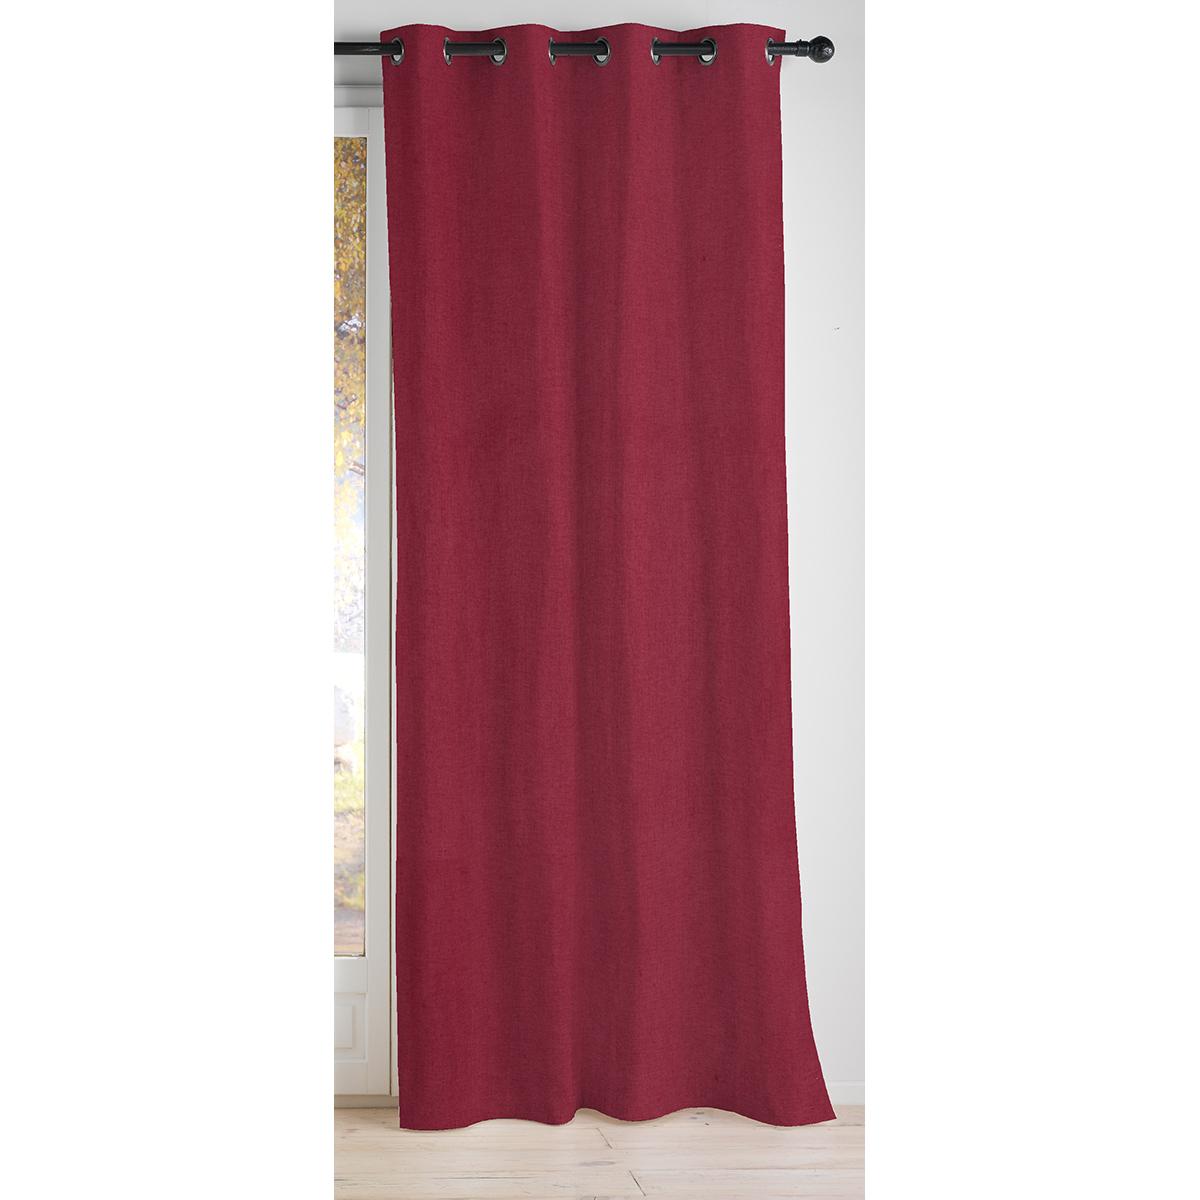 Rideau 100 % occultant uni et coloré - Rouge - 140 x 260 cm